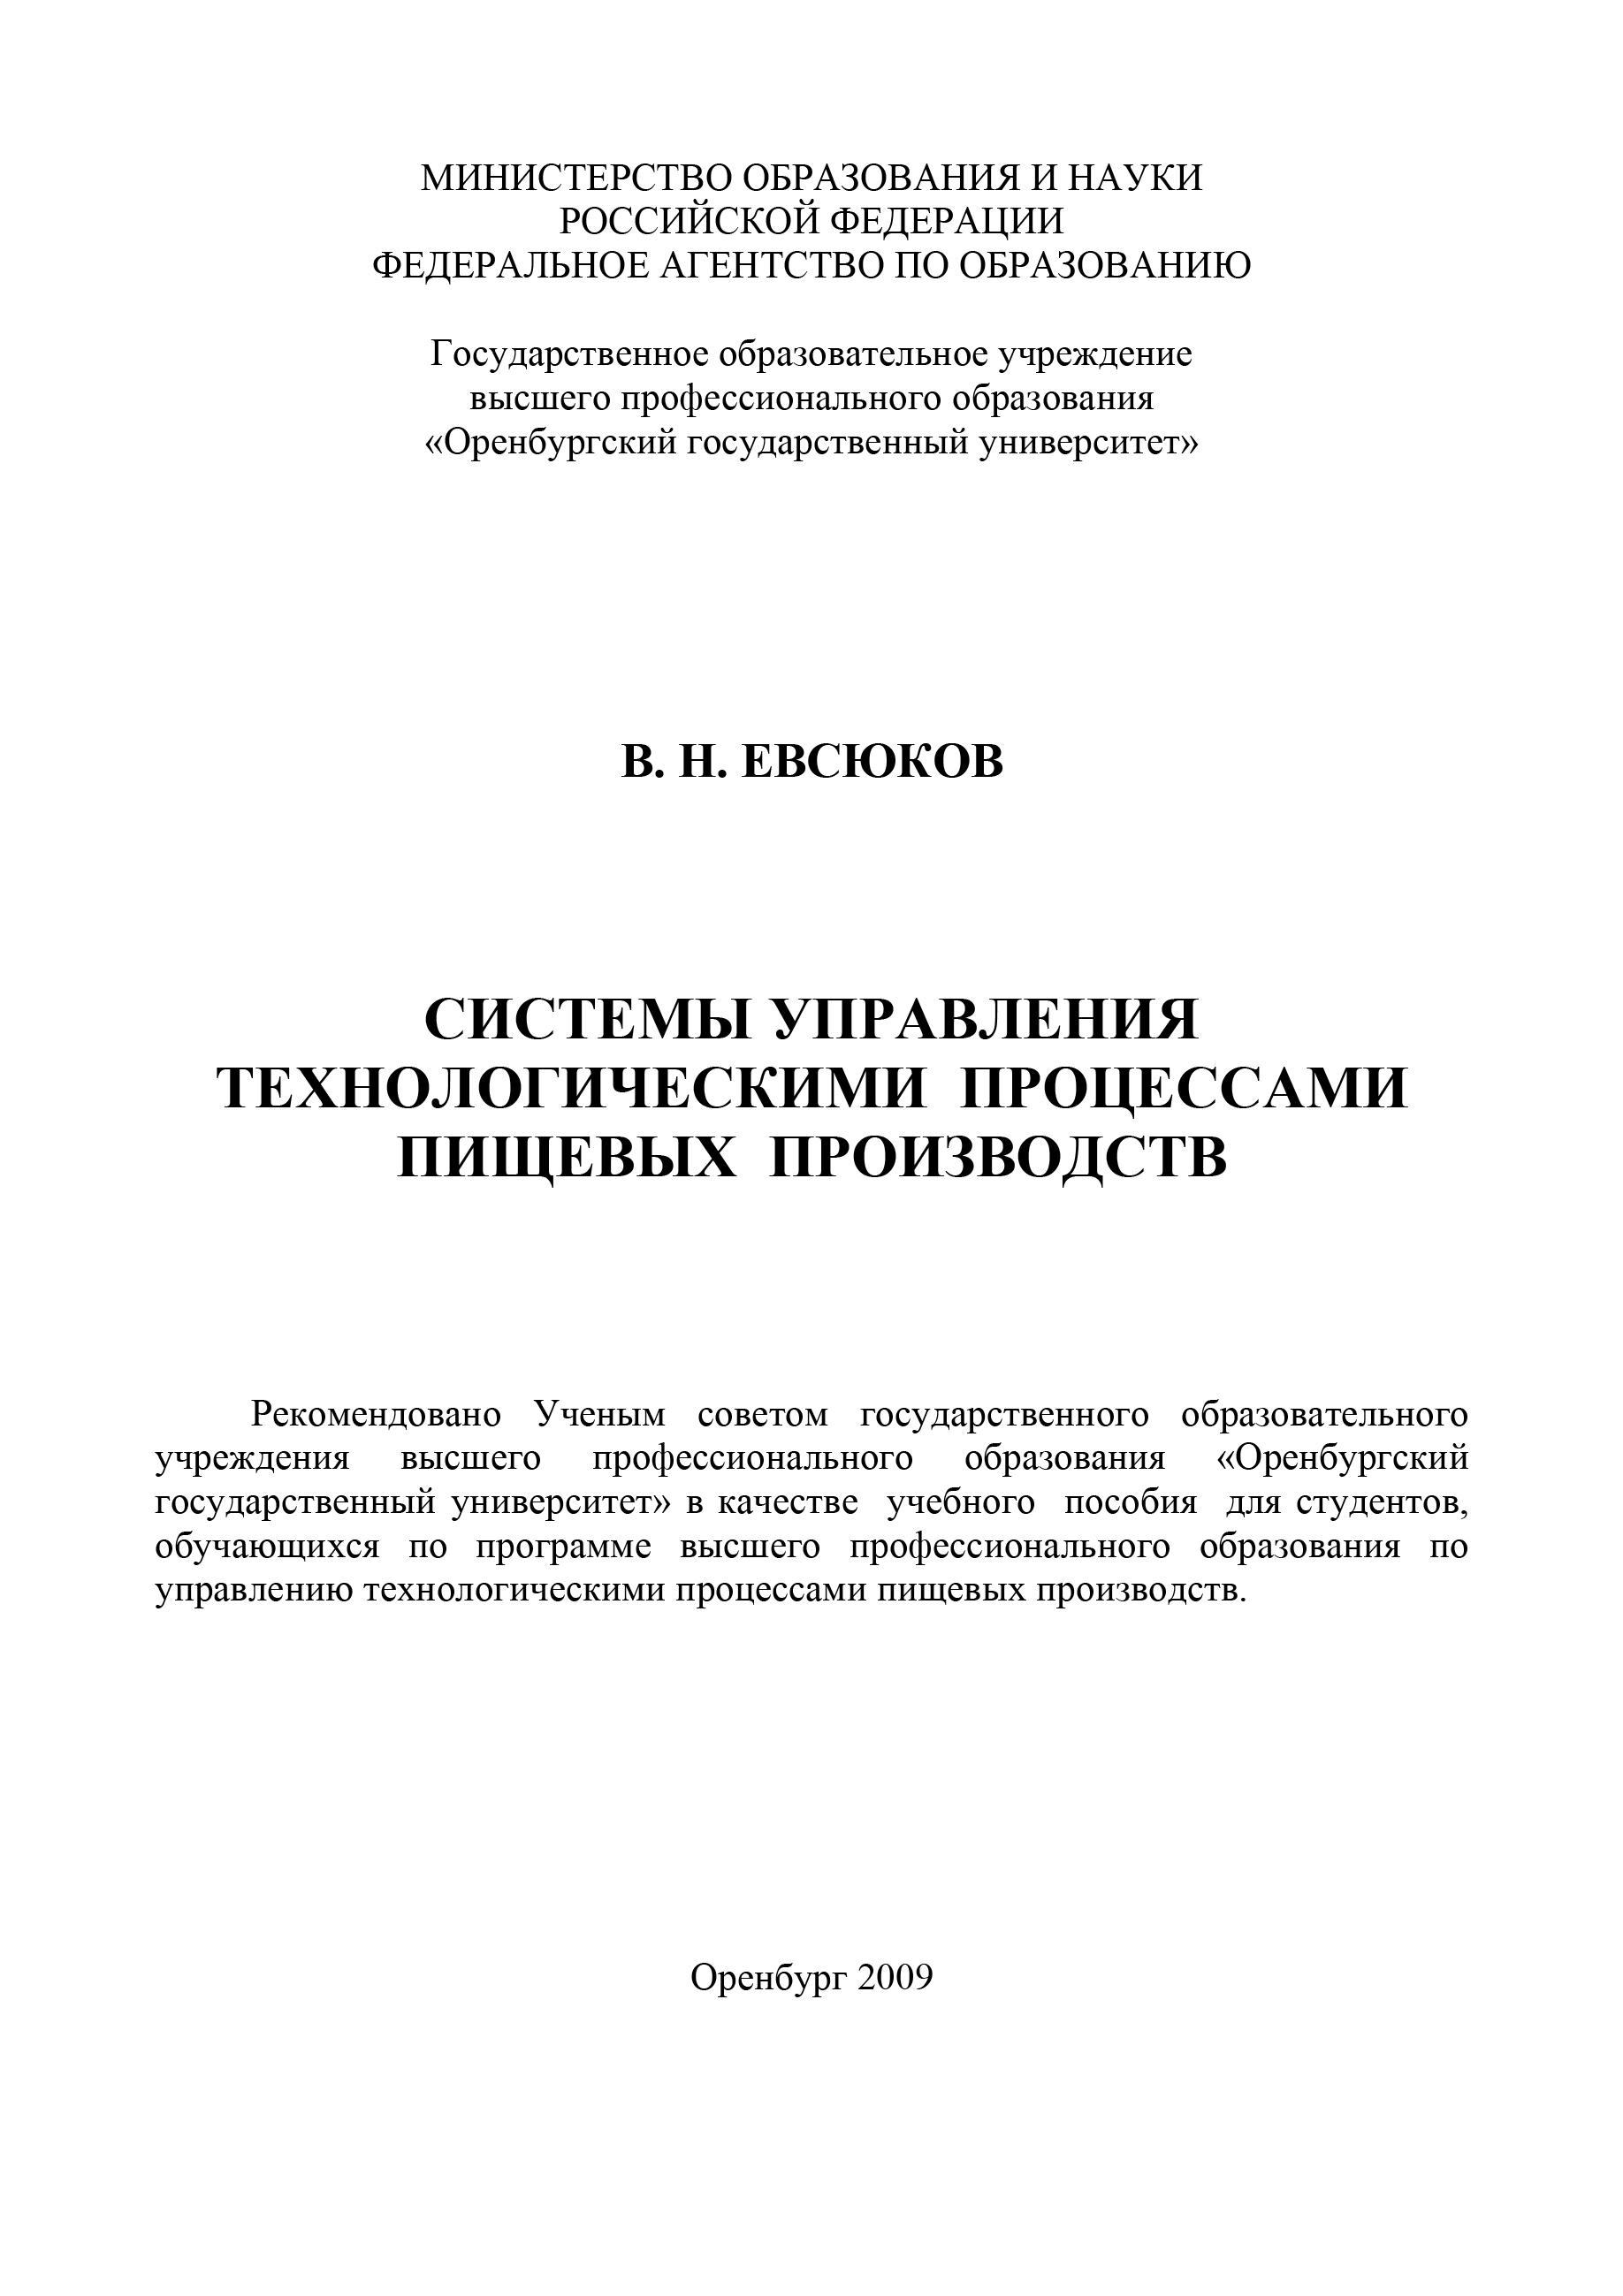 В. Н. Евсюков Система управления технологическими процессами пищевых производств